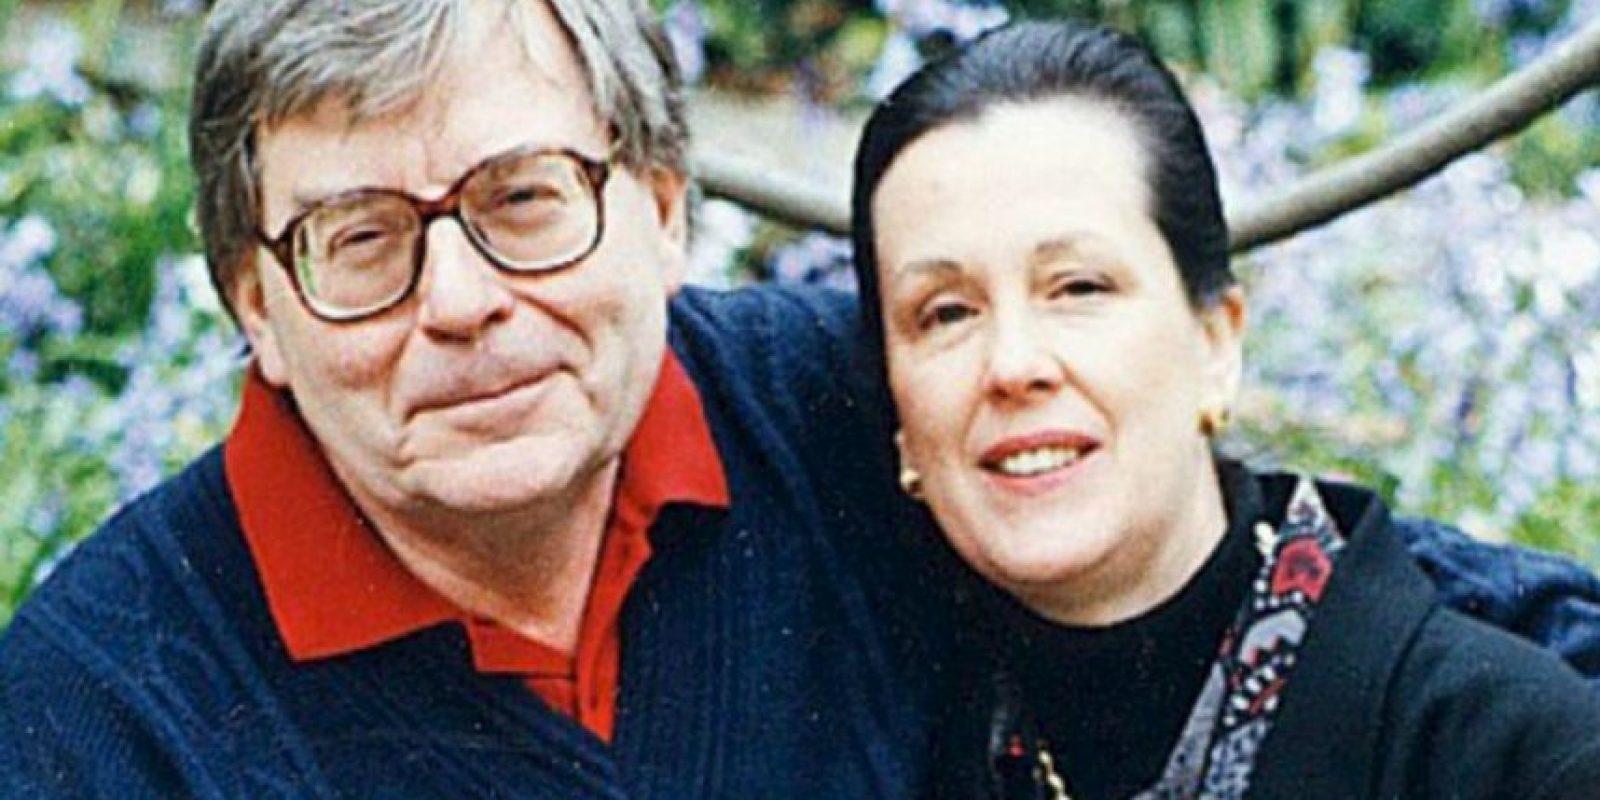 2. Los esposos Edward Thomas Downes y Joan Thomas realizaron su suicidio asistido en pareja en 2009, en Suiza Foto:BBC